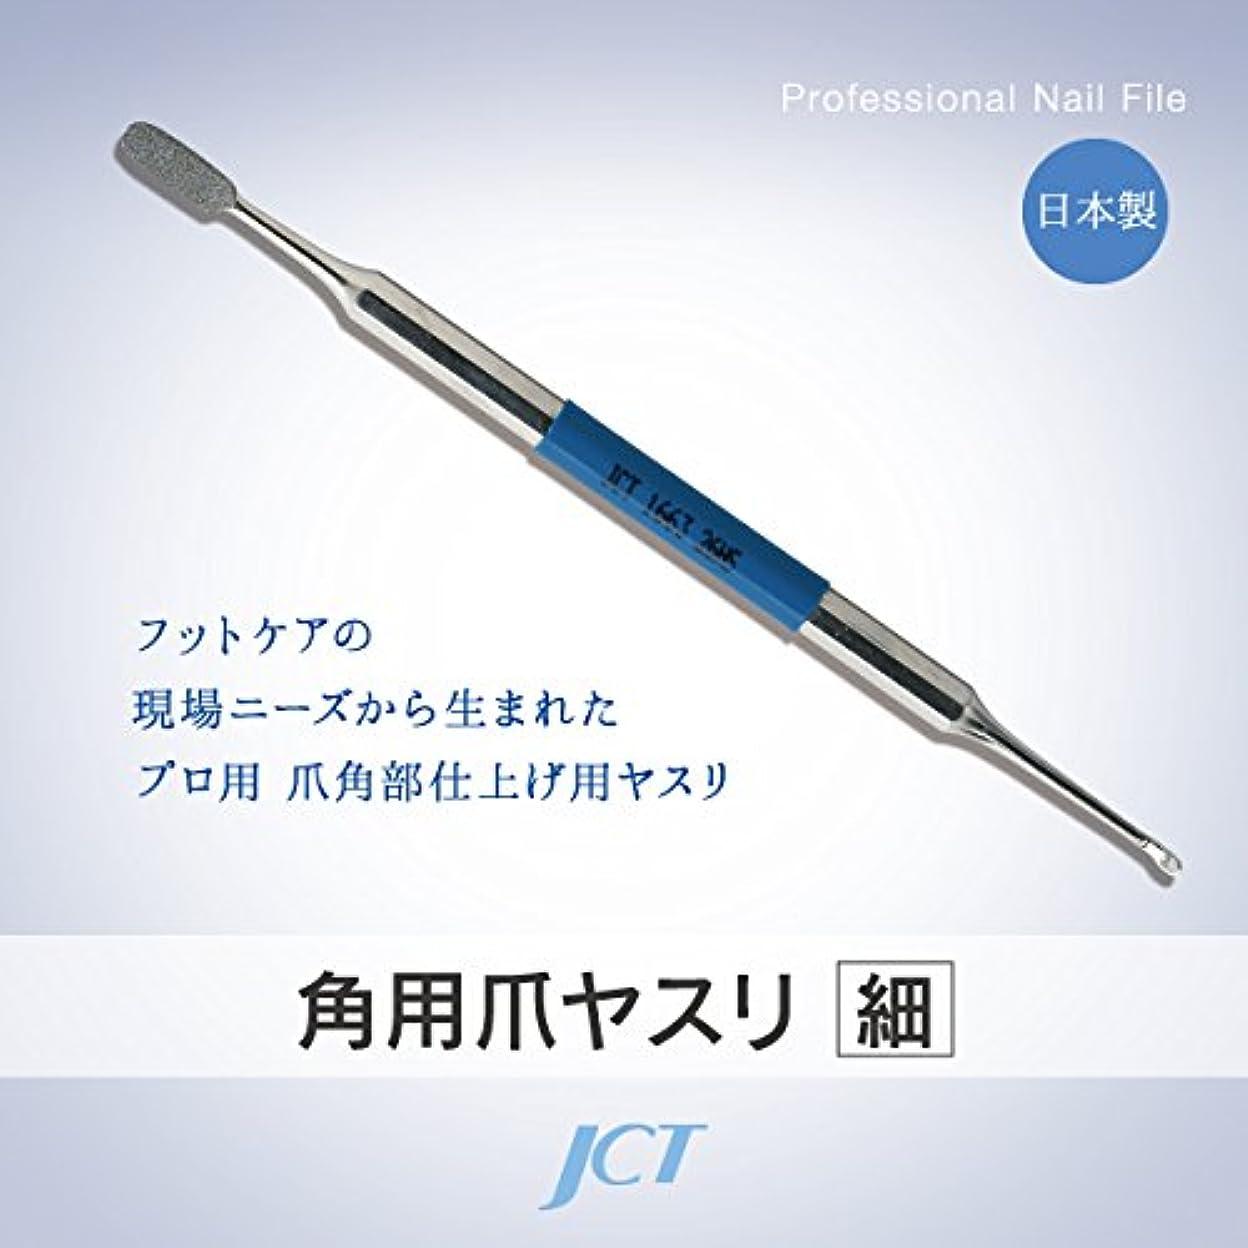 気怠い増強静かにJCT メディカル フットケア ダイヤモンド角用爪ヤスリ(細) 滅菌可 日本製 1年間保証付